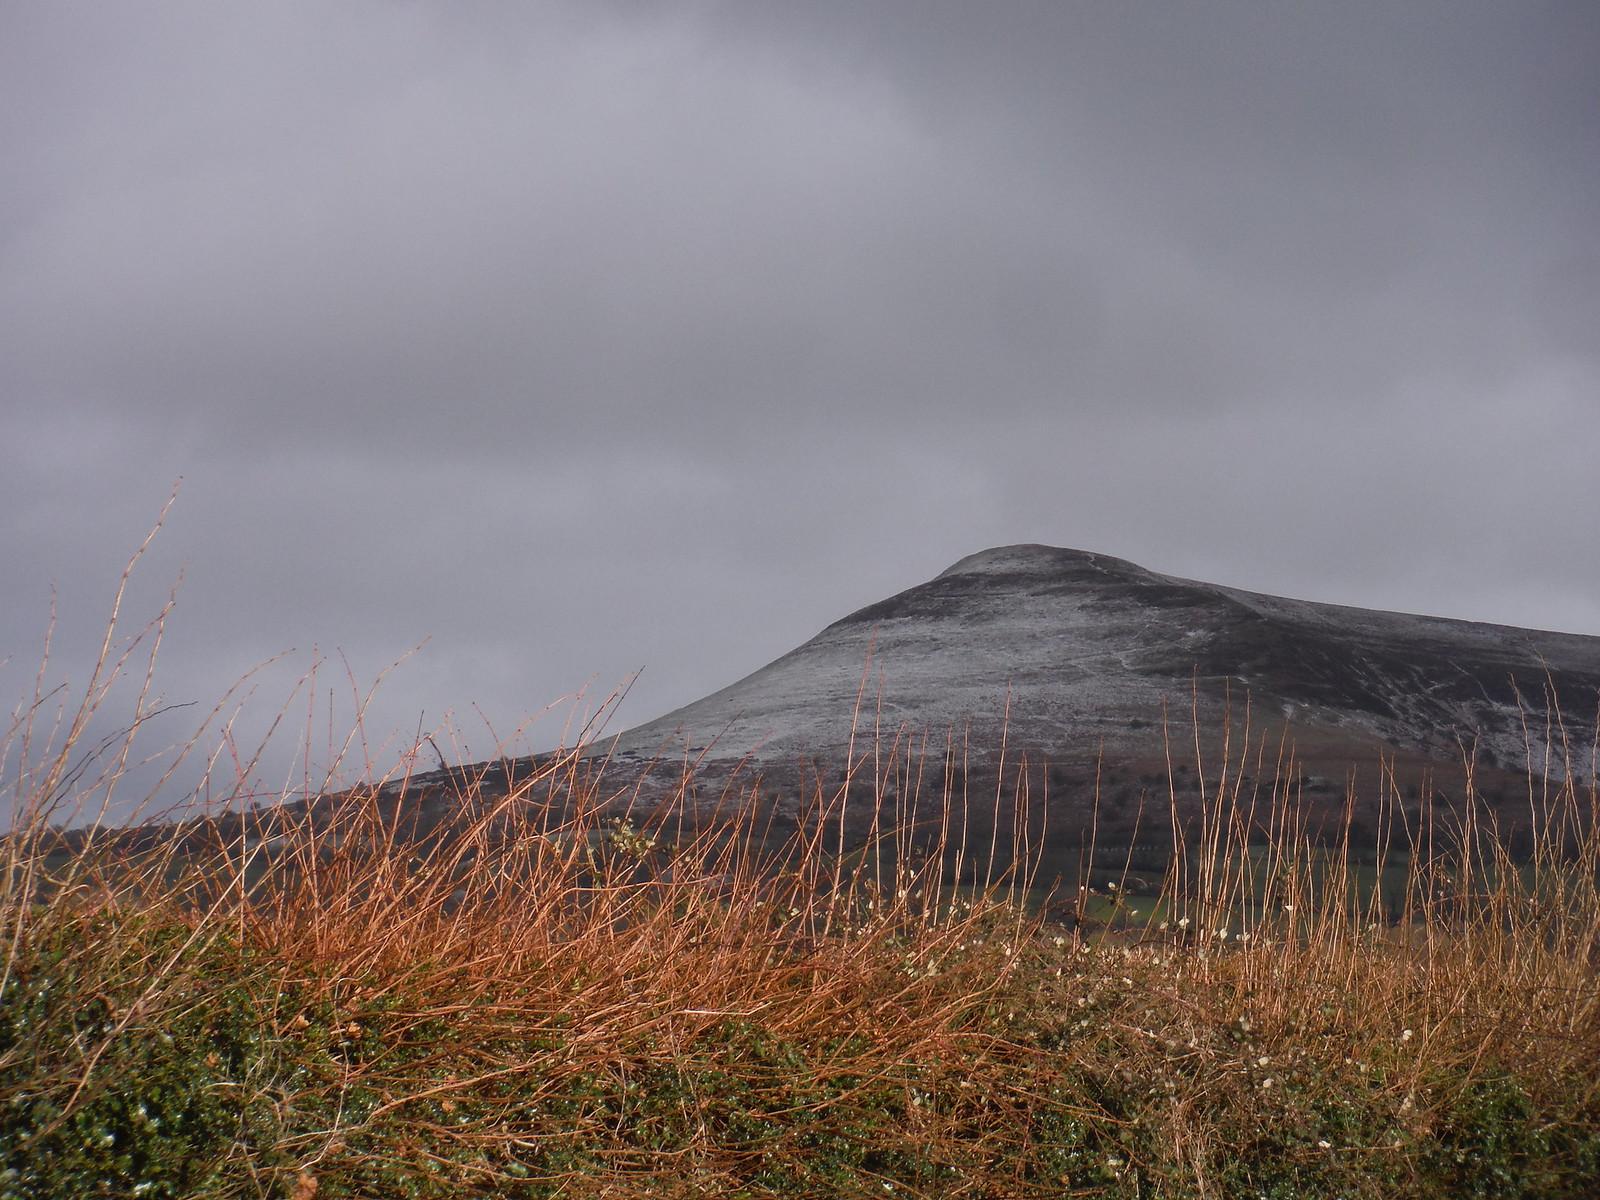 Mynydd Troed from road down to Llangors SWC Walk 308 - Bwlch Circular (via Mynydd Troed and Llangorse Lake)